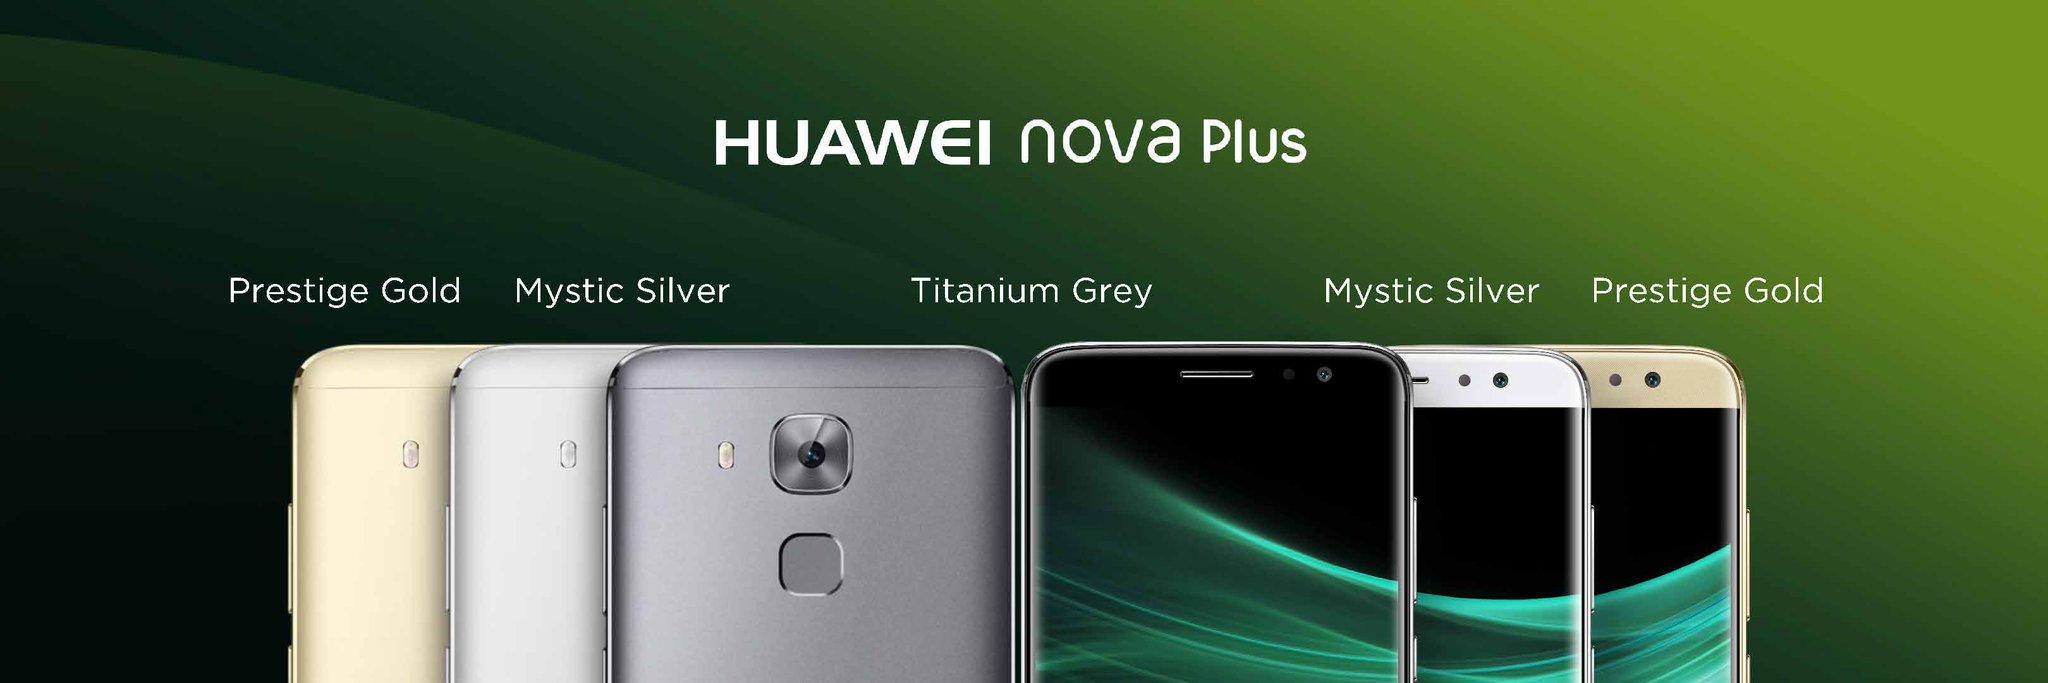 Nova Plus 3